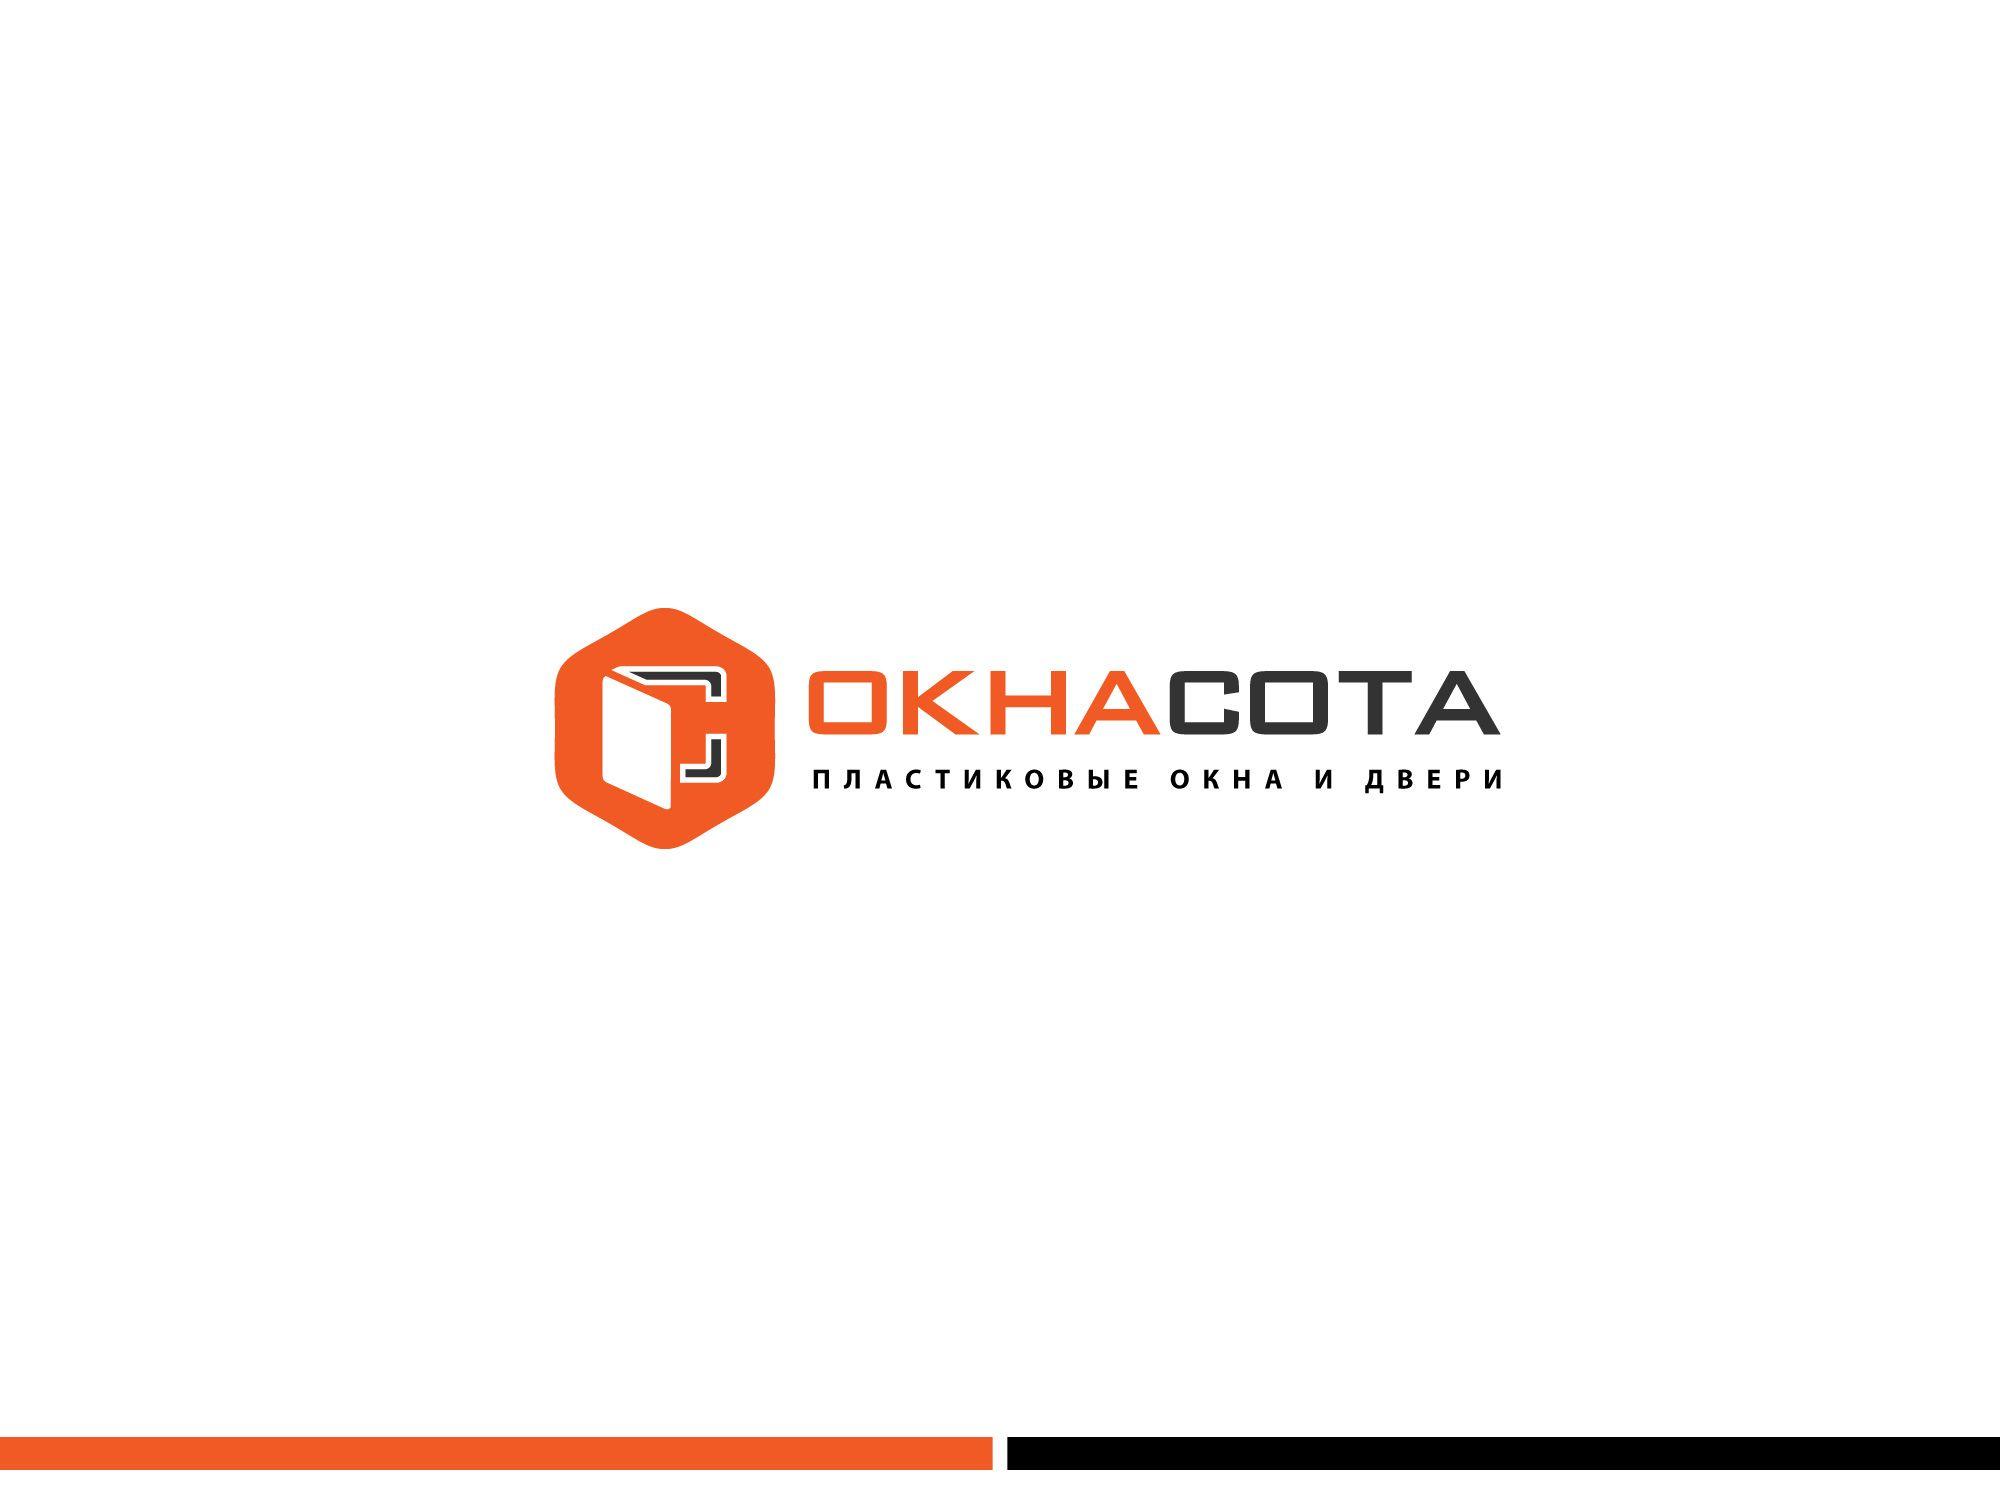 Логотип для ОКНАСОТА - дизайнер GreenRed